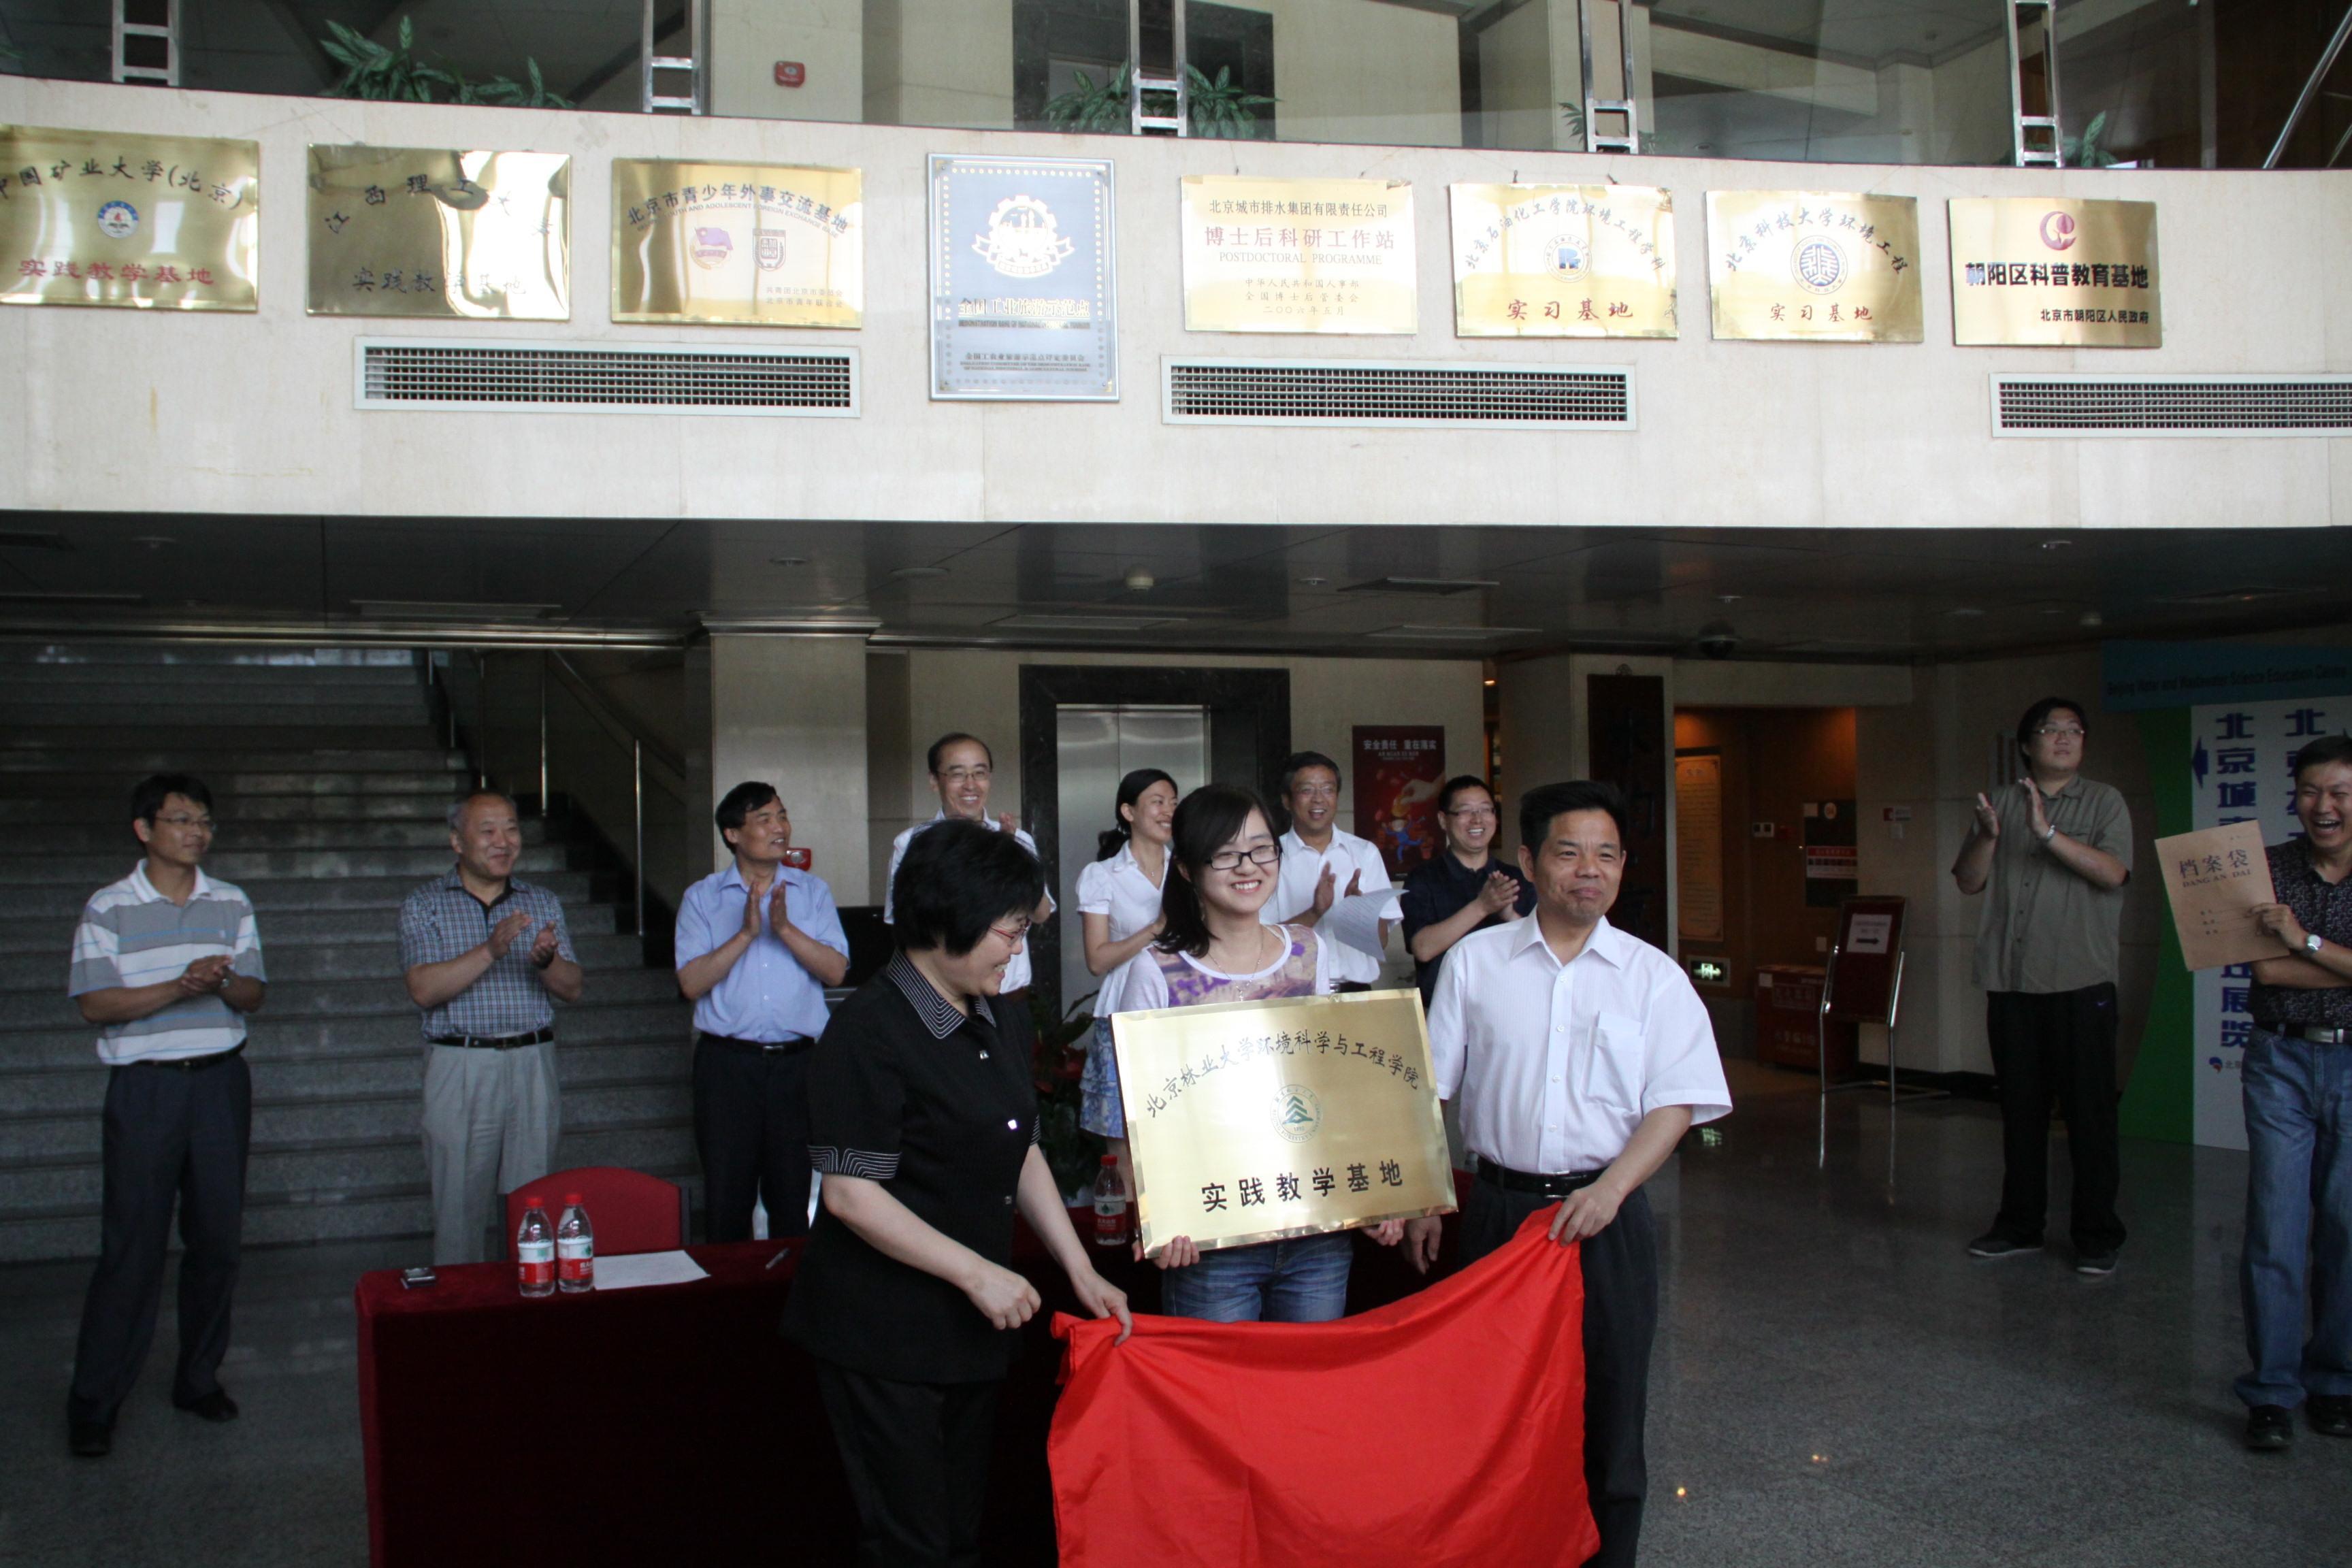 骆有庆副校长参加我院教学实践基地揭牌